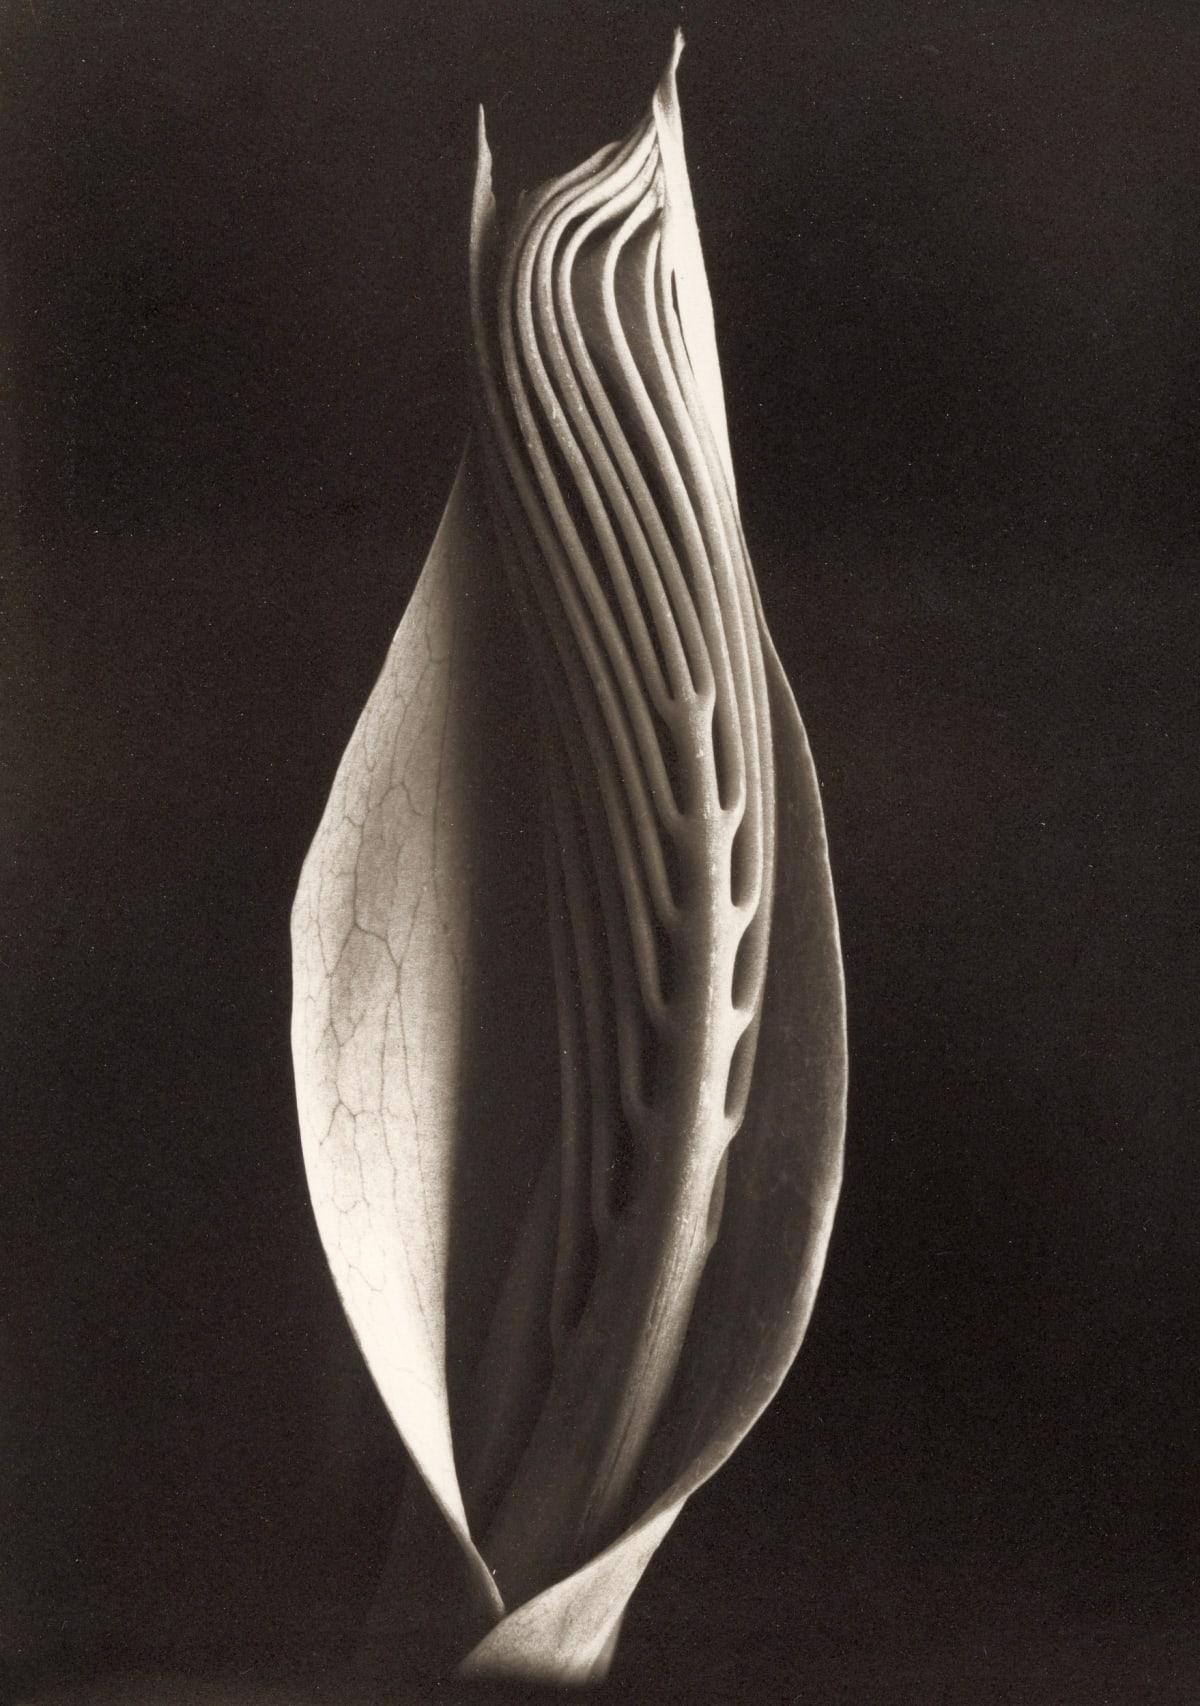 Milianthus, 1996